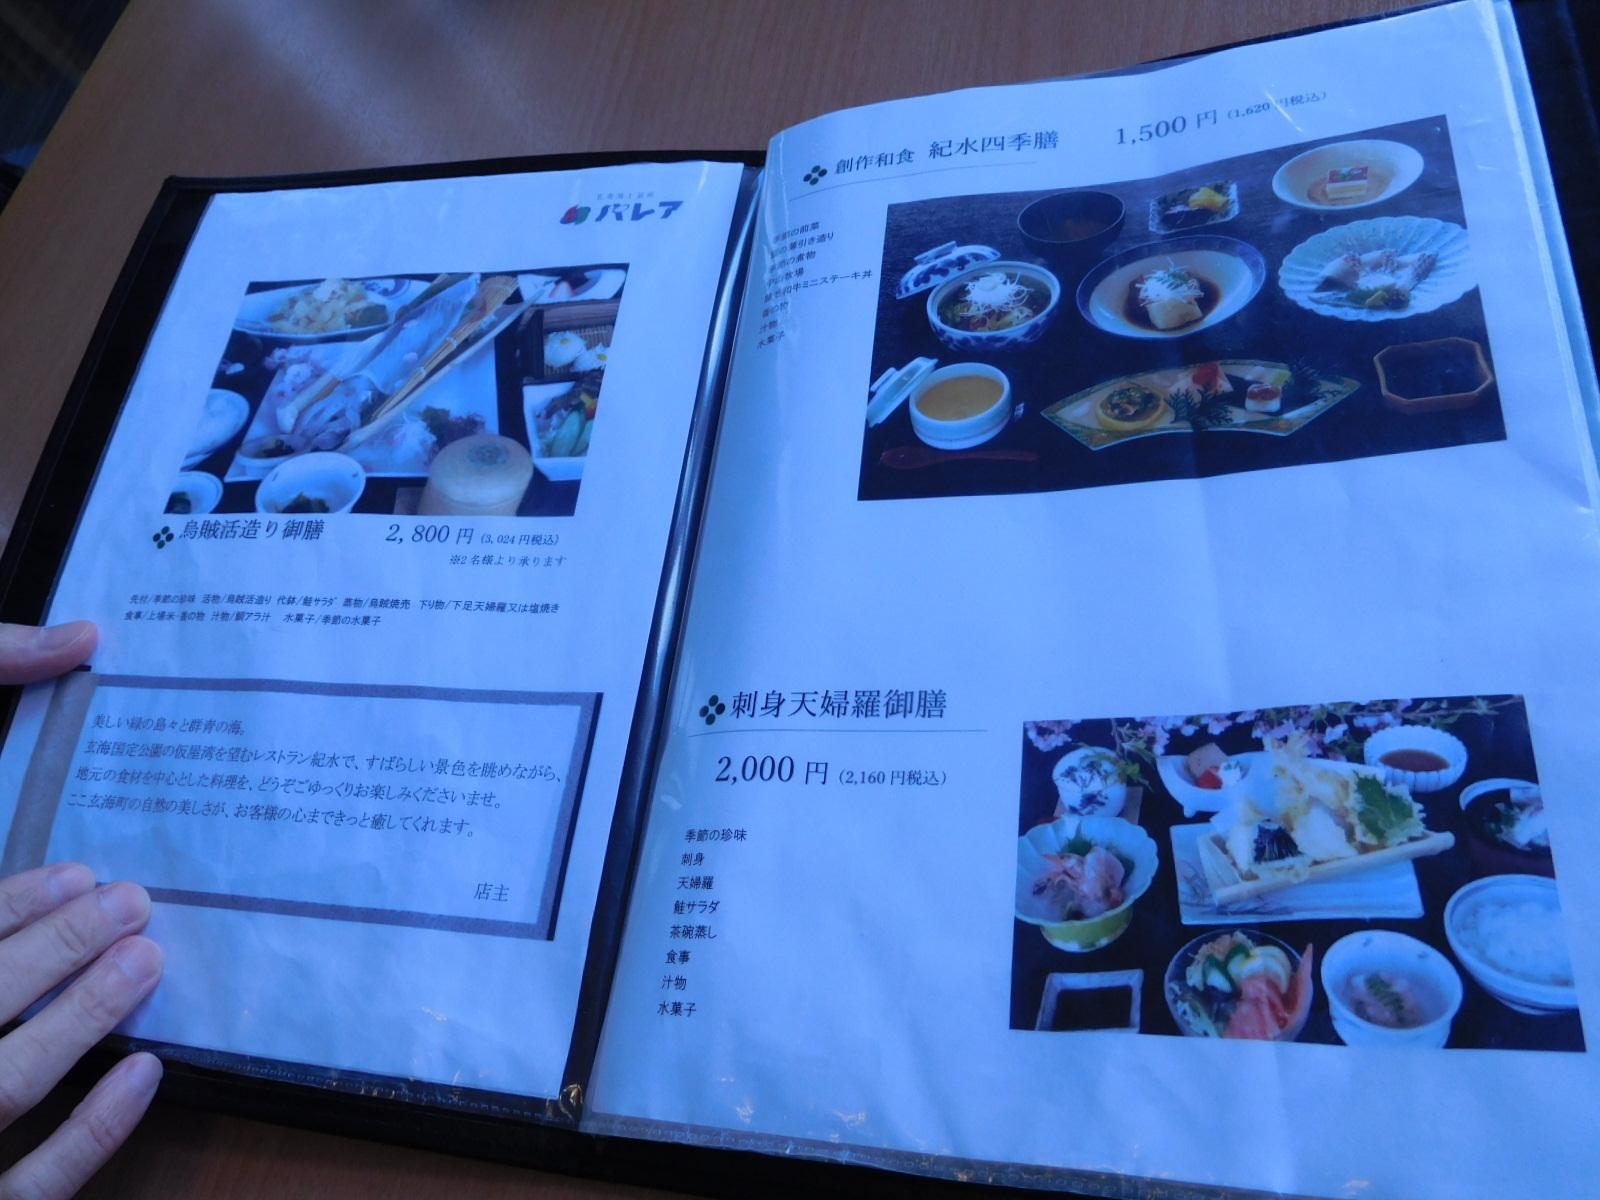 DSCN9395.jpg